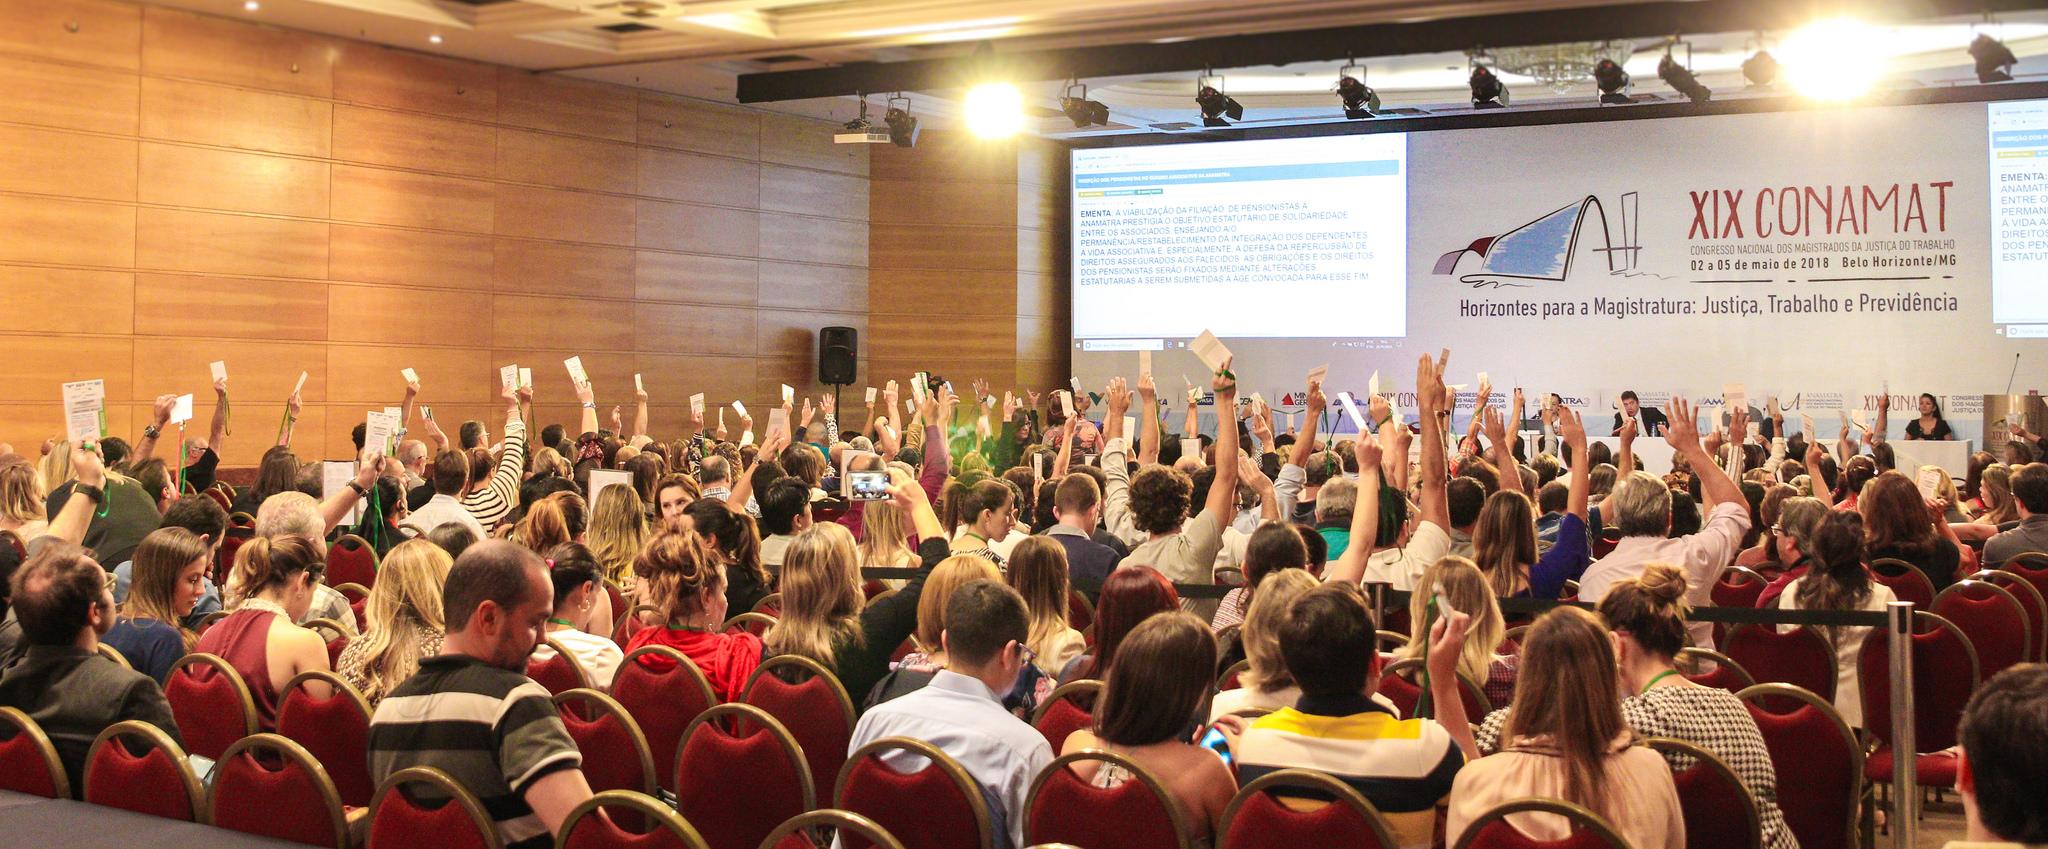 CSB participa do Congresso Nacional dos Magistrados da Justiça do Trabalho